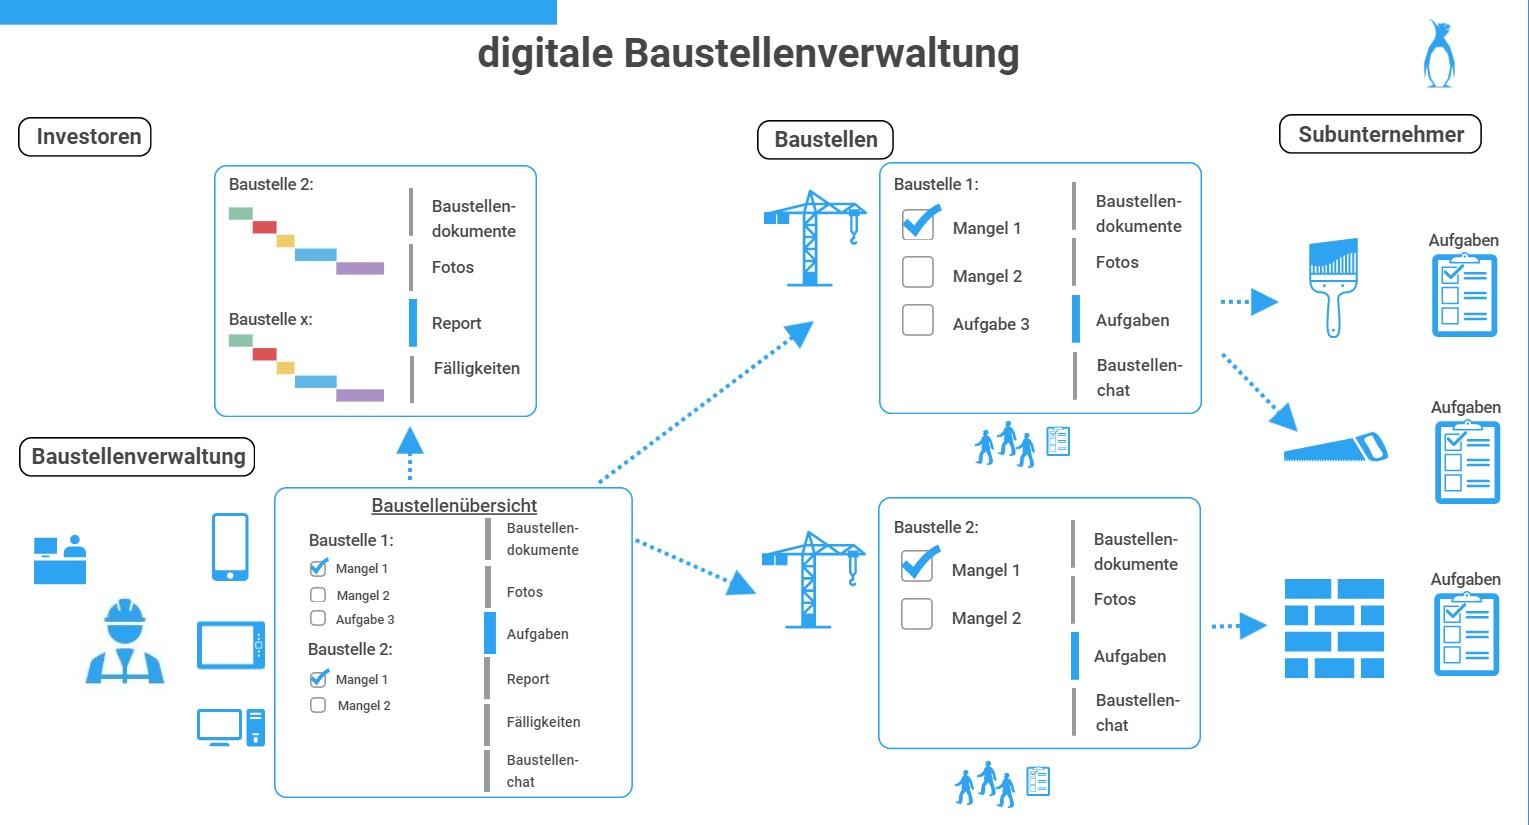 digitale Baustellenverwaltung